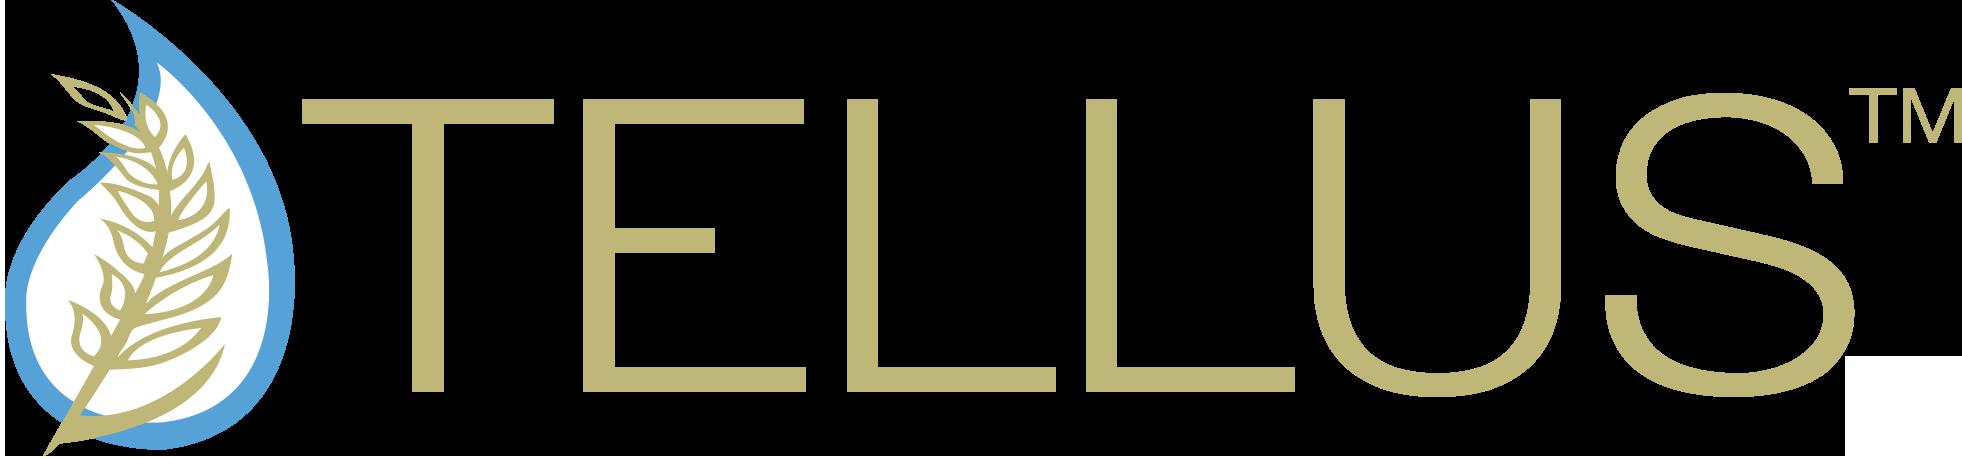 tellus_logos